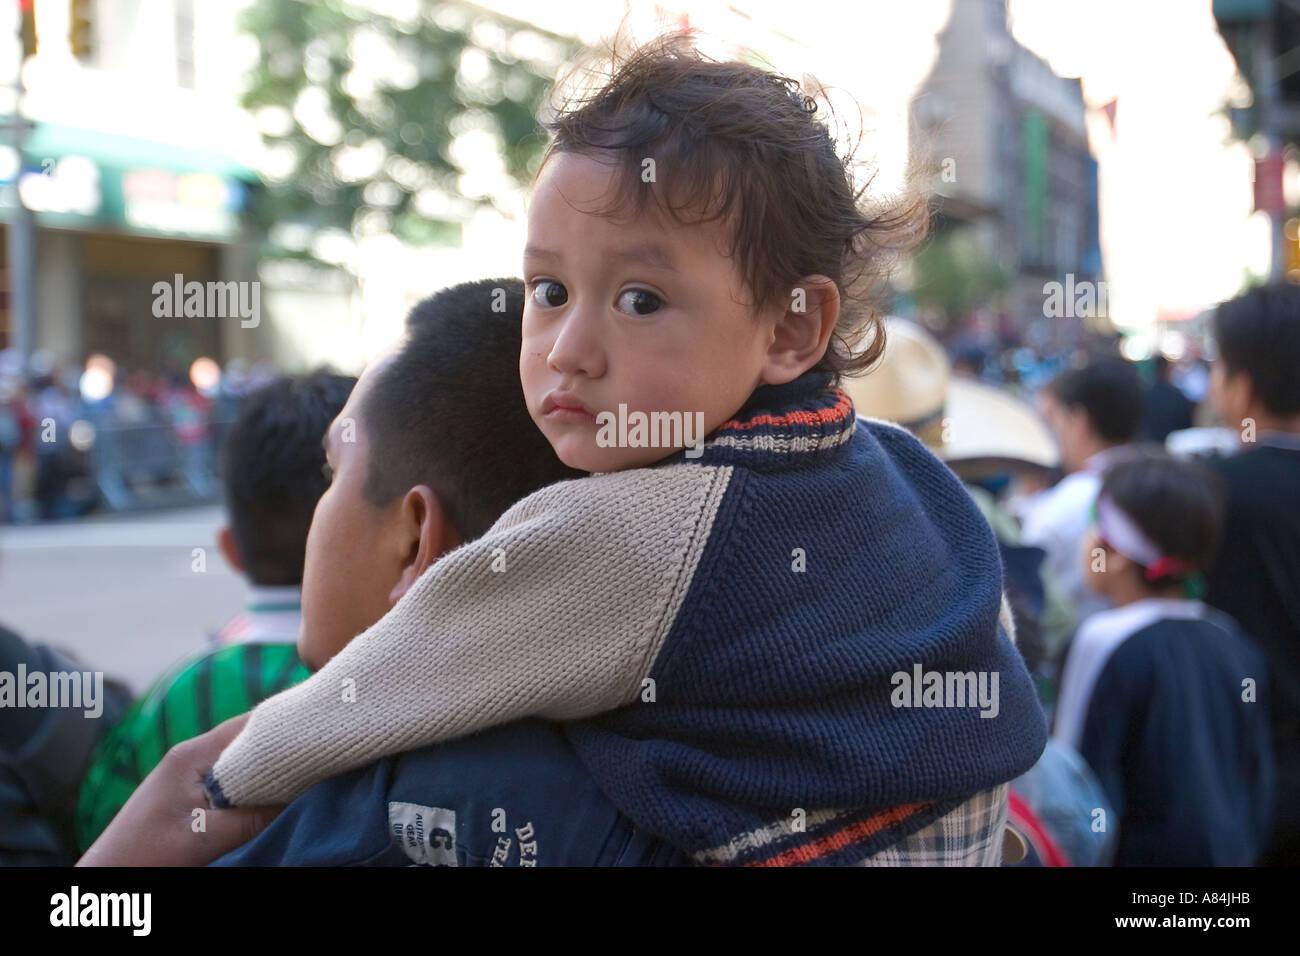 Niño mexicano-estadounidense con su padre en el Desfile del Día de la Independencia Mexicana en Madison Avenue en la Ciudad de Nueva York Imagen De Stock